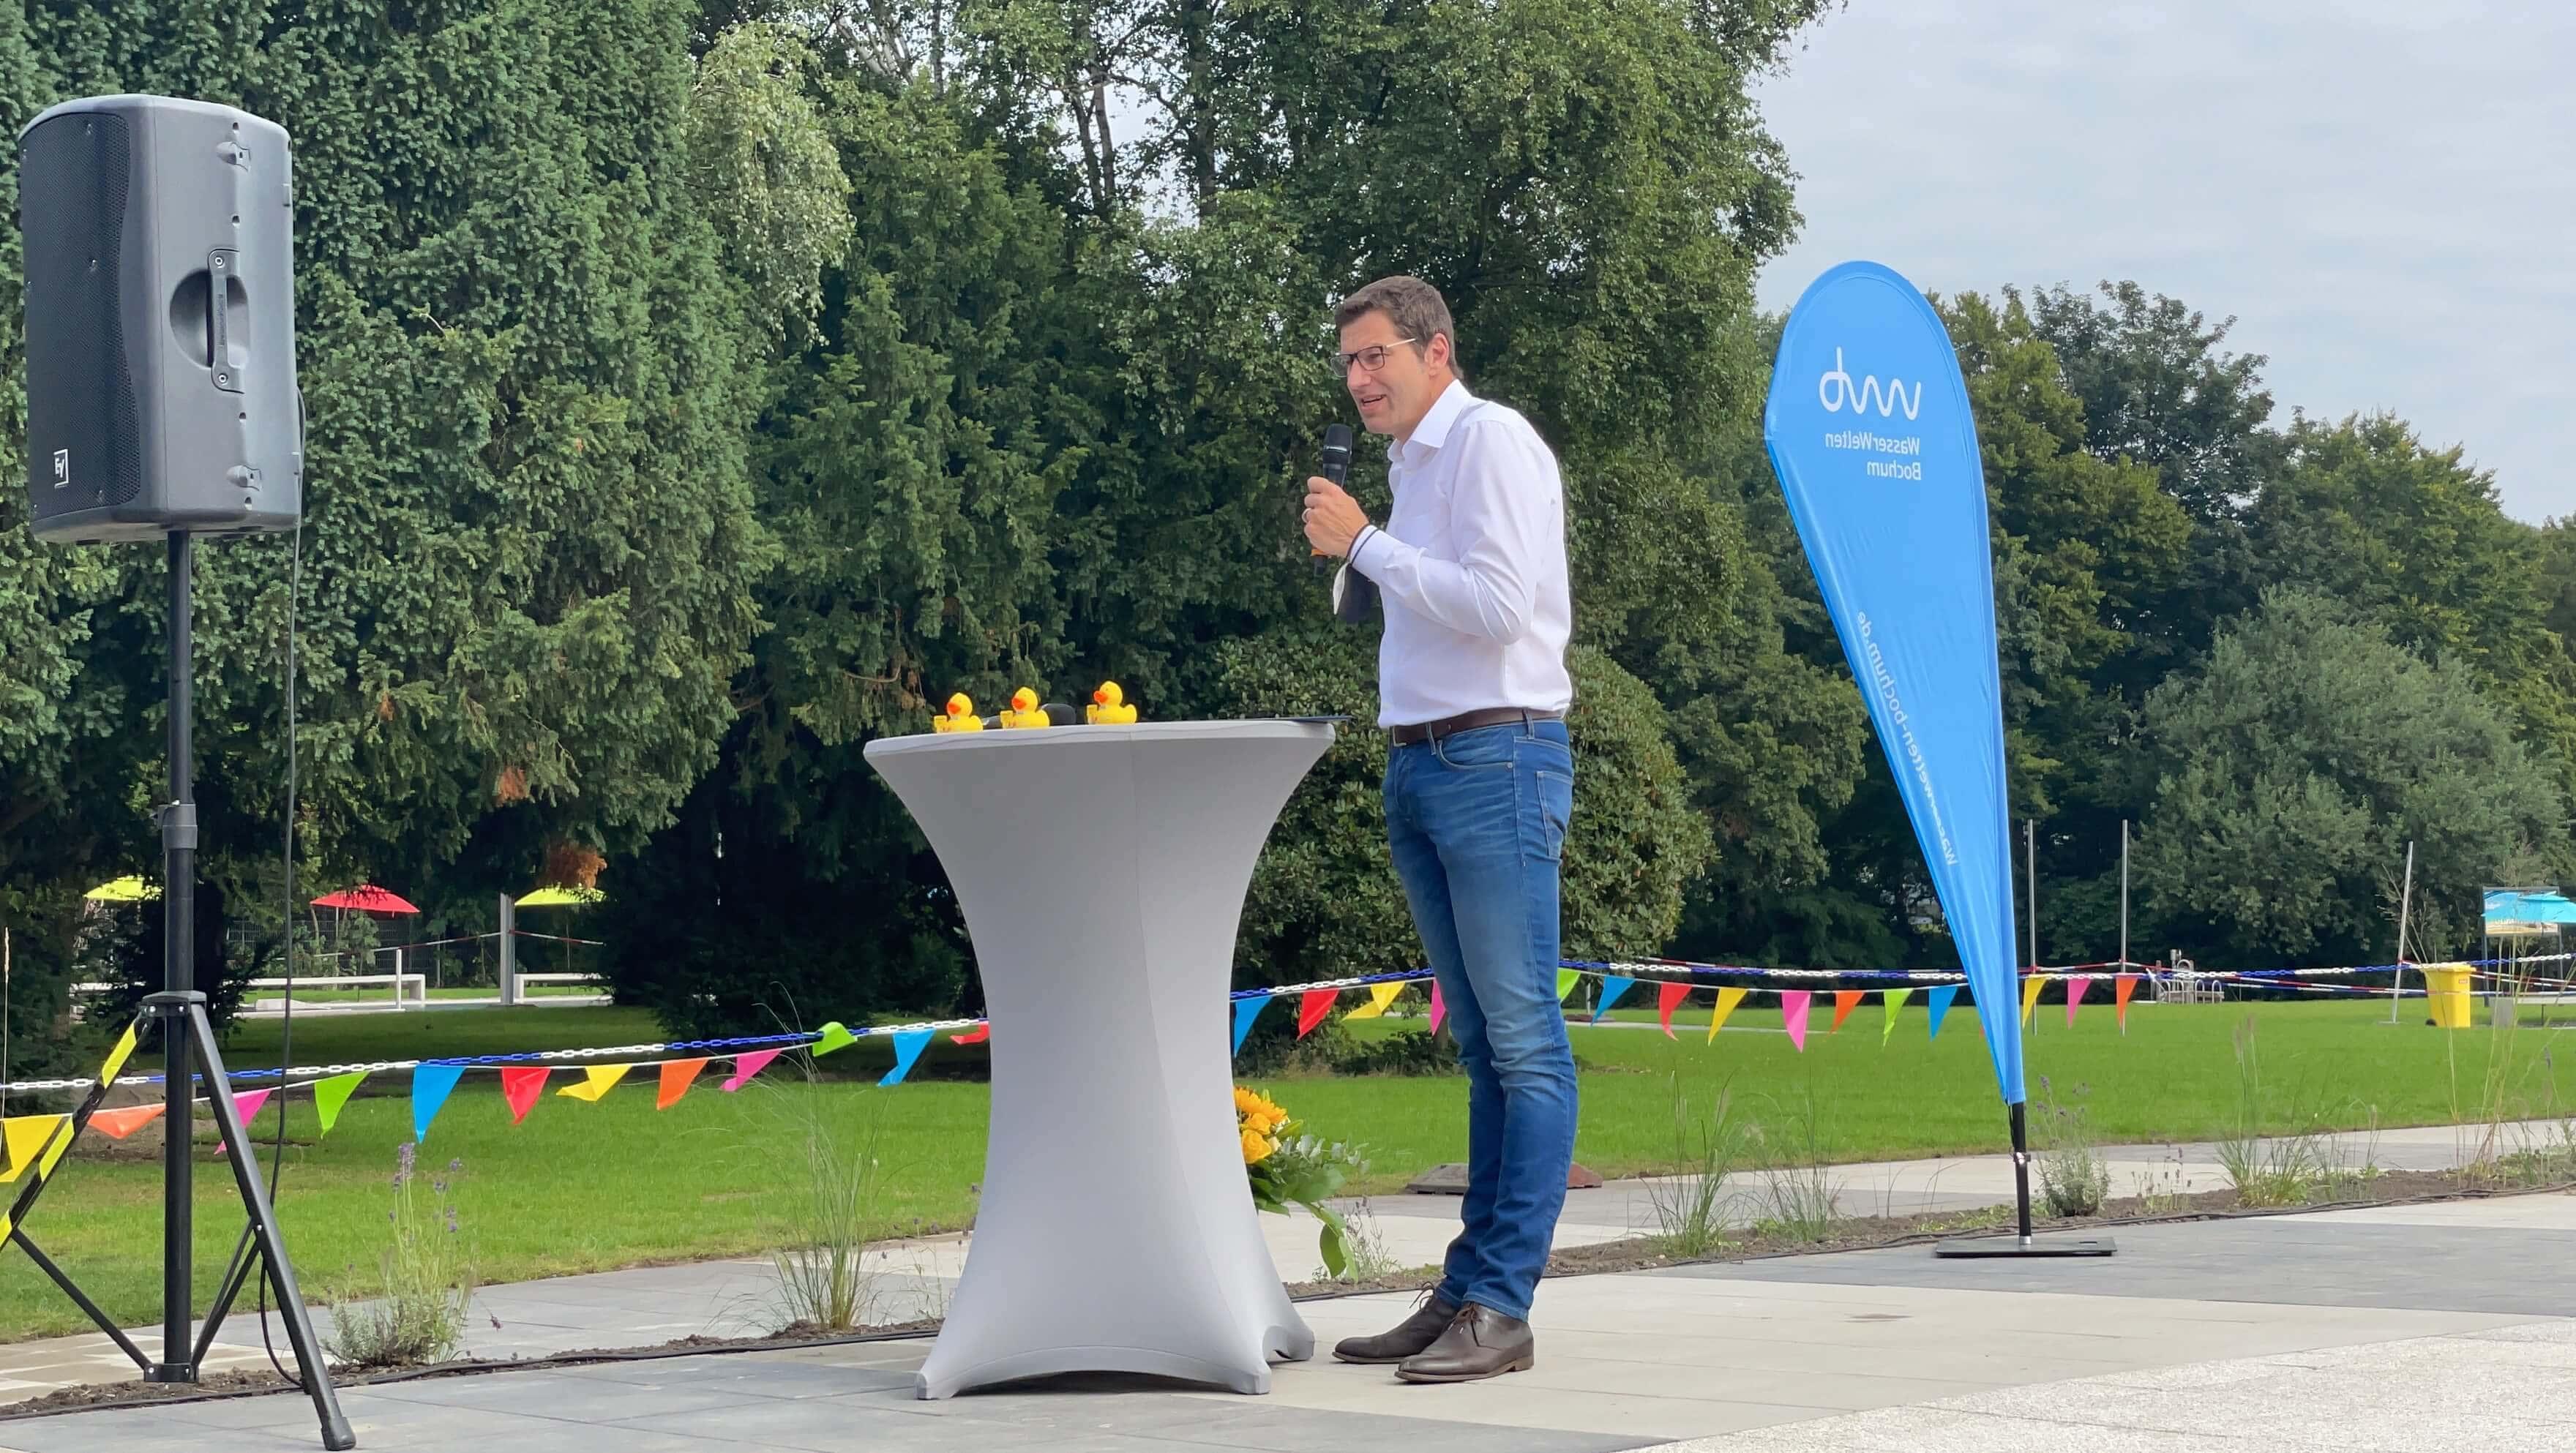 Freibad Werne (WasserWelten Bochum): Thomas Eiskirch (SPD), Oberbürgermeister der Stadt Bochum